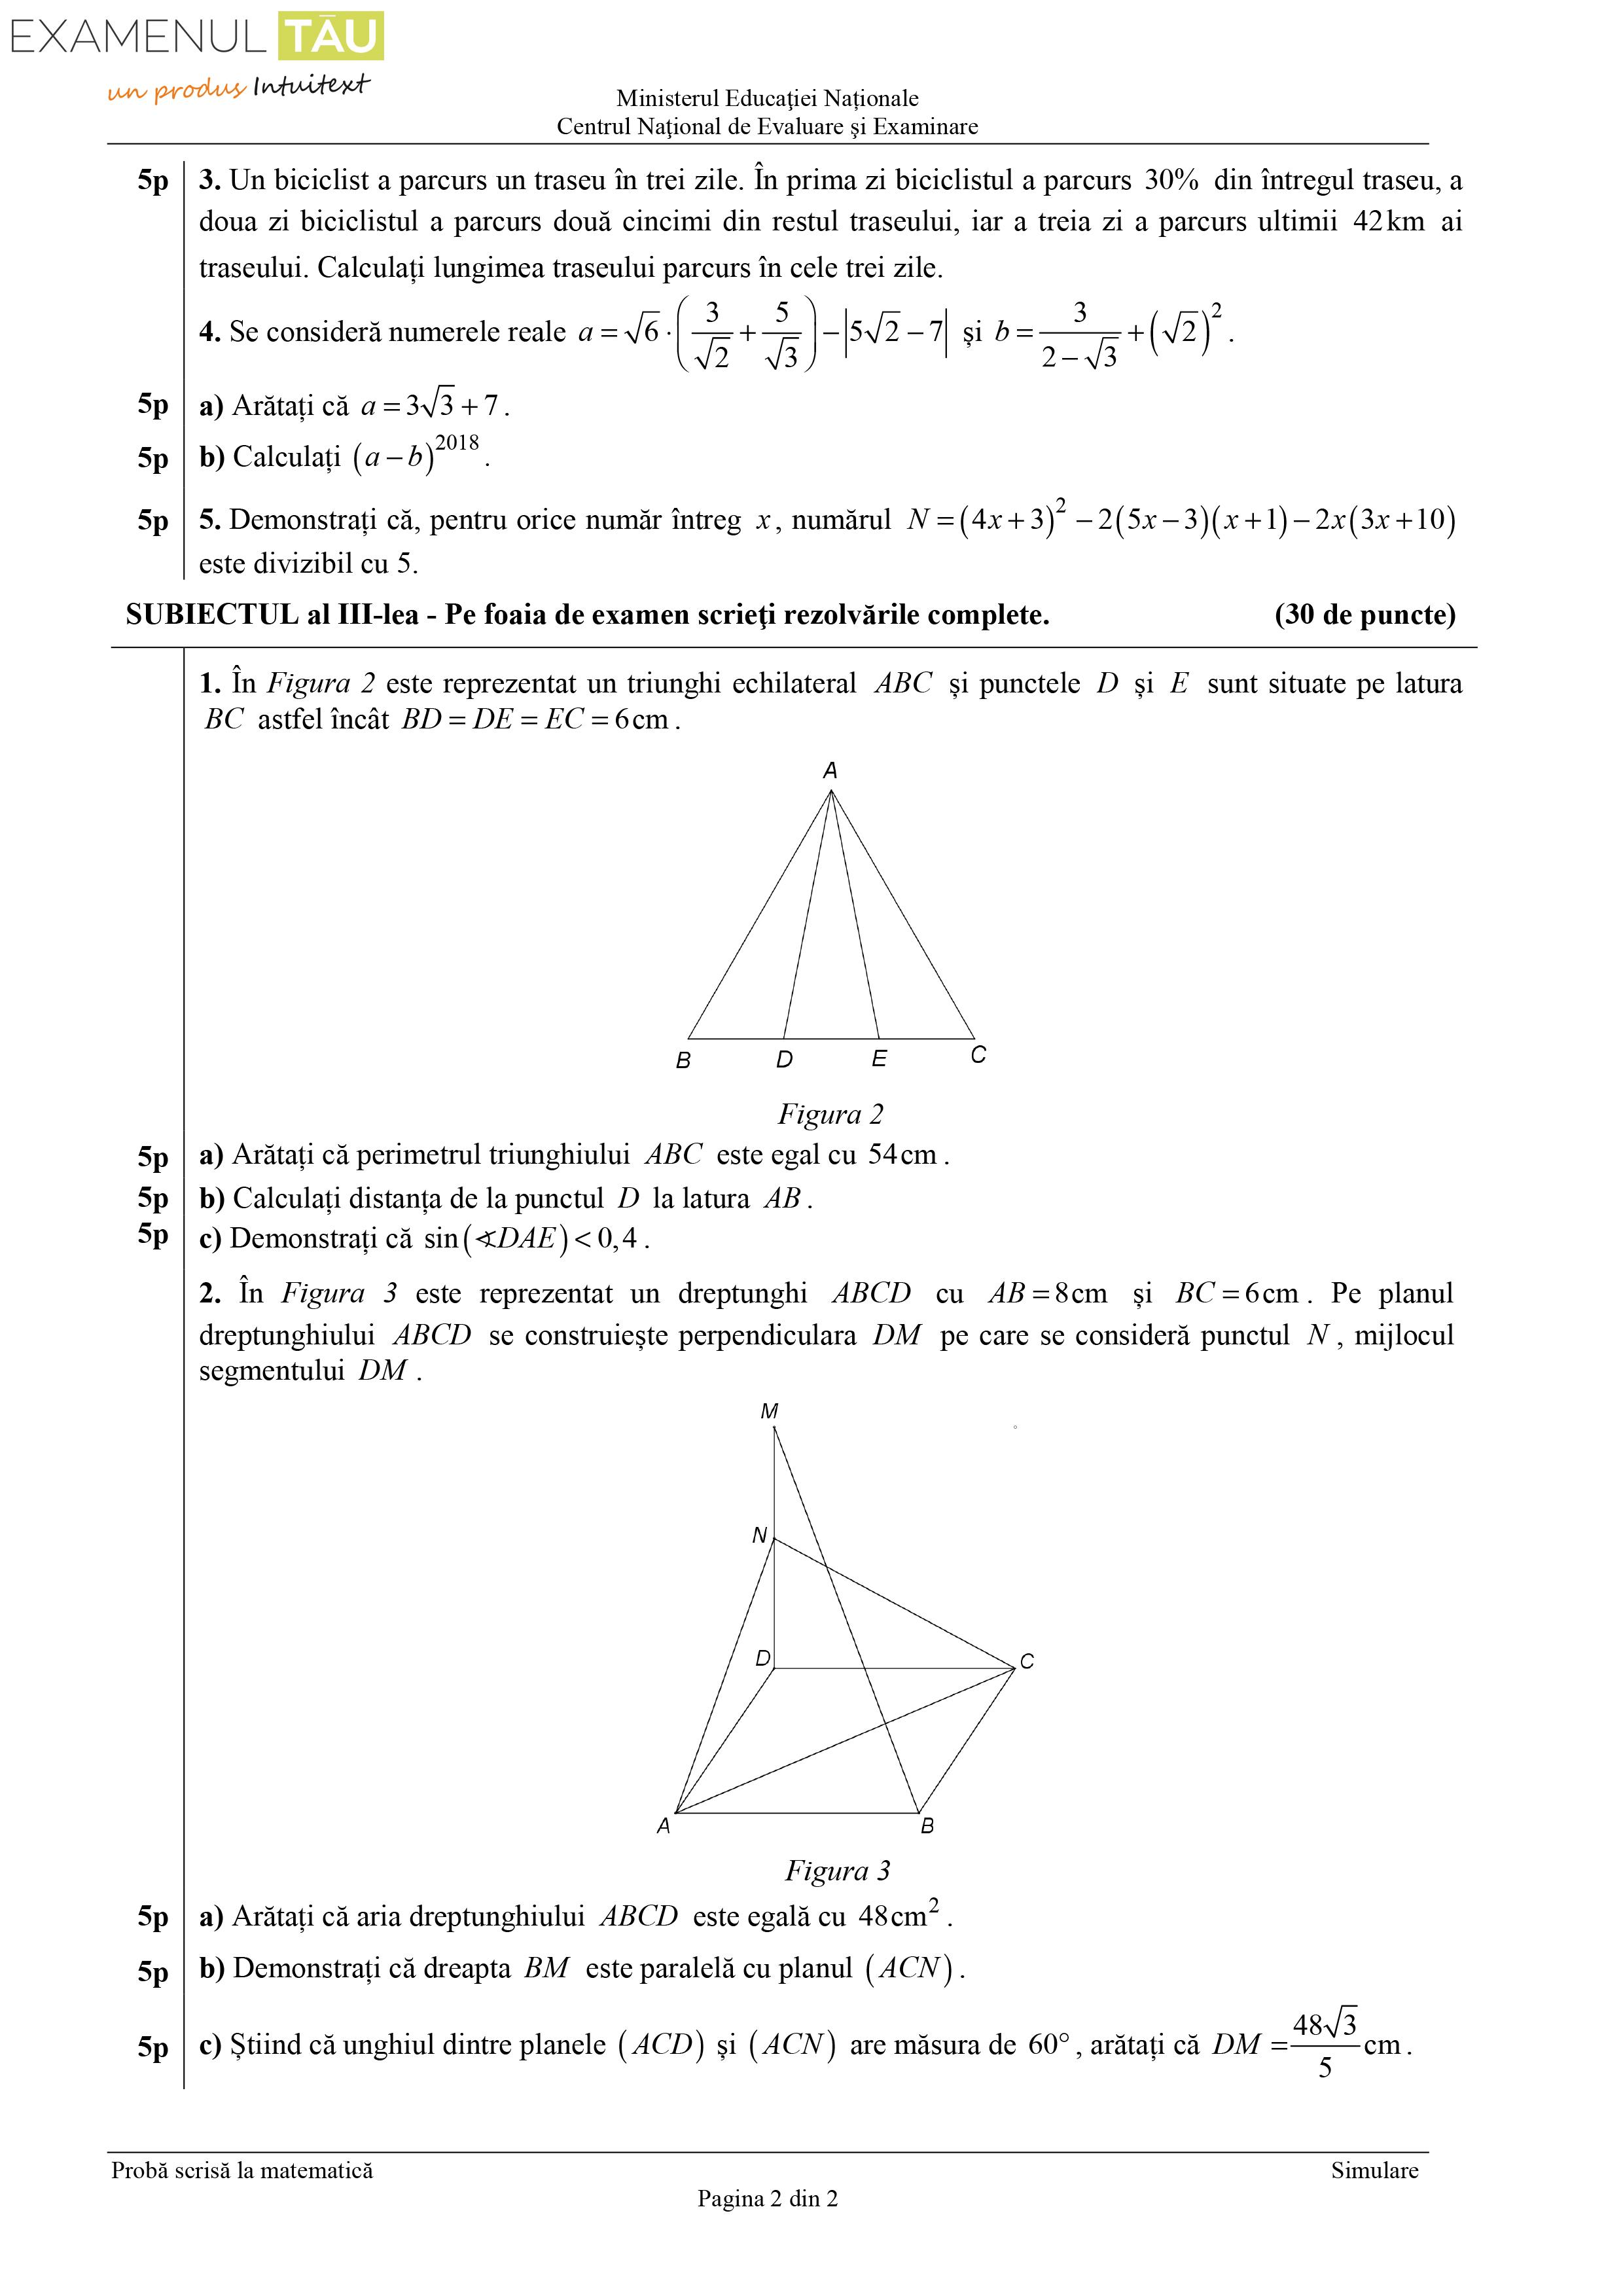 subiecte-simulare-evaluare-nationala-2018-matematica (2)